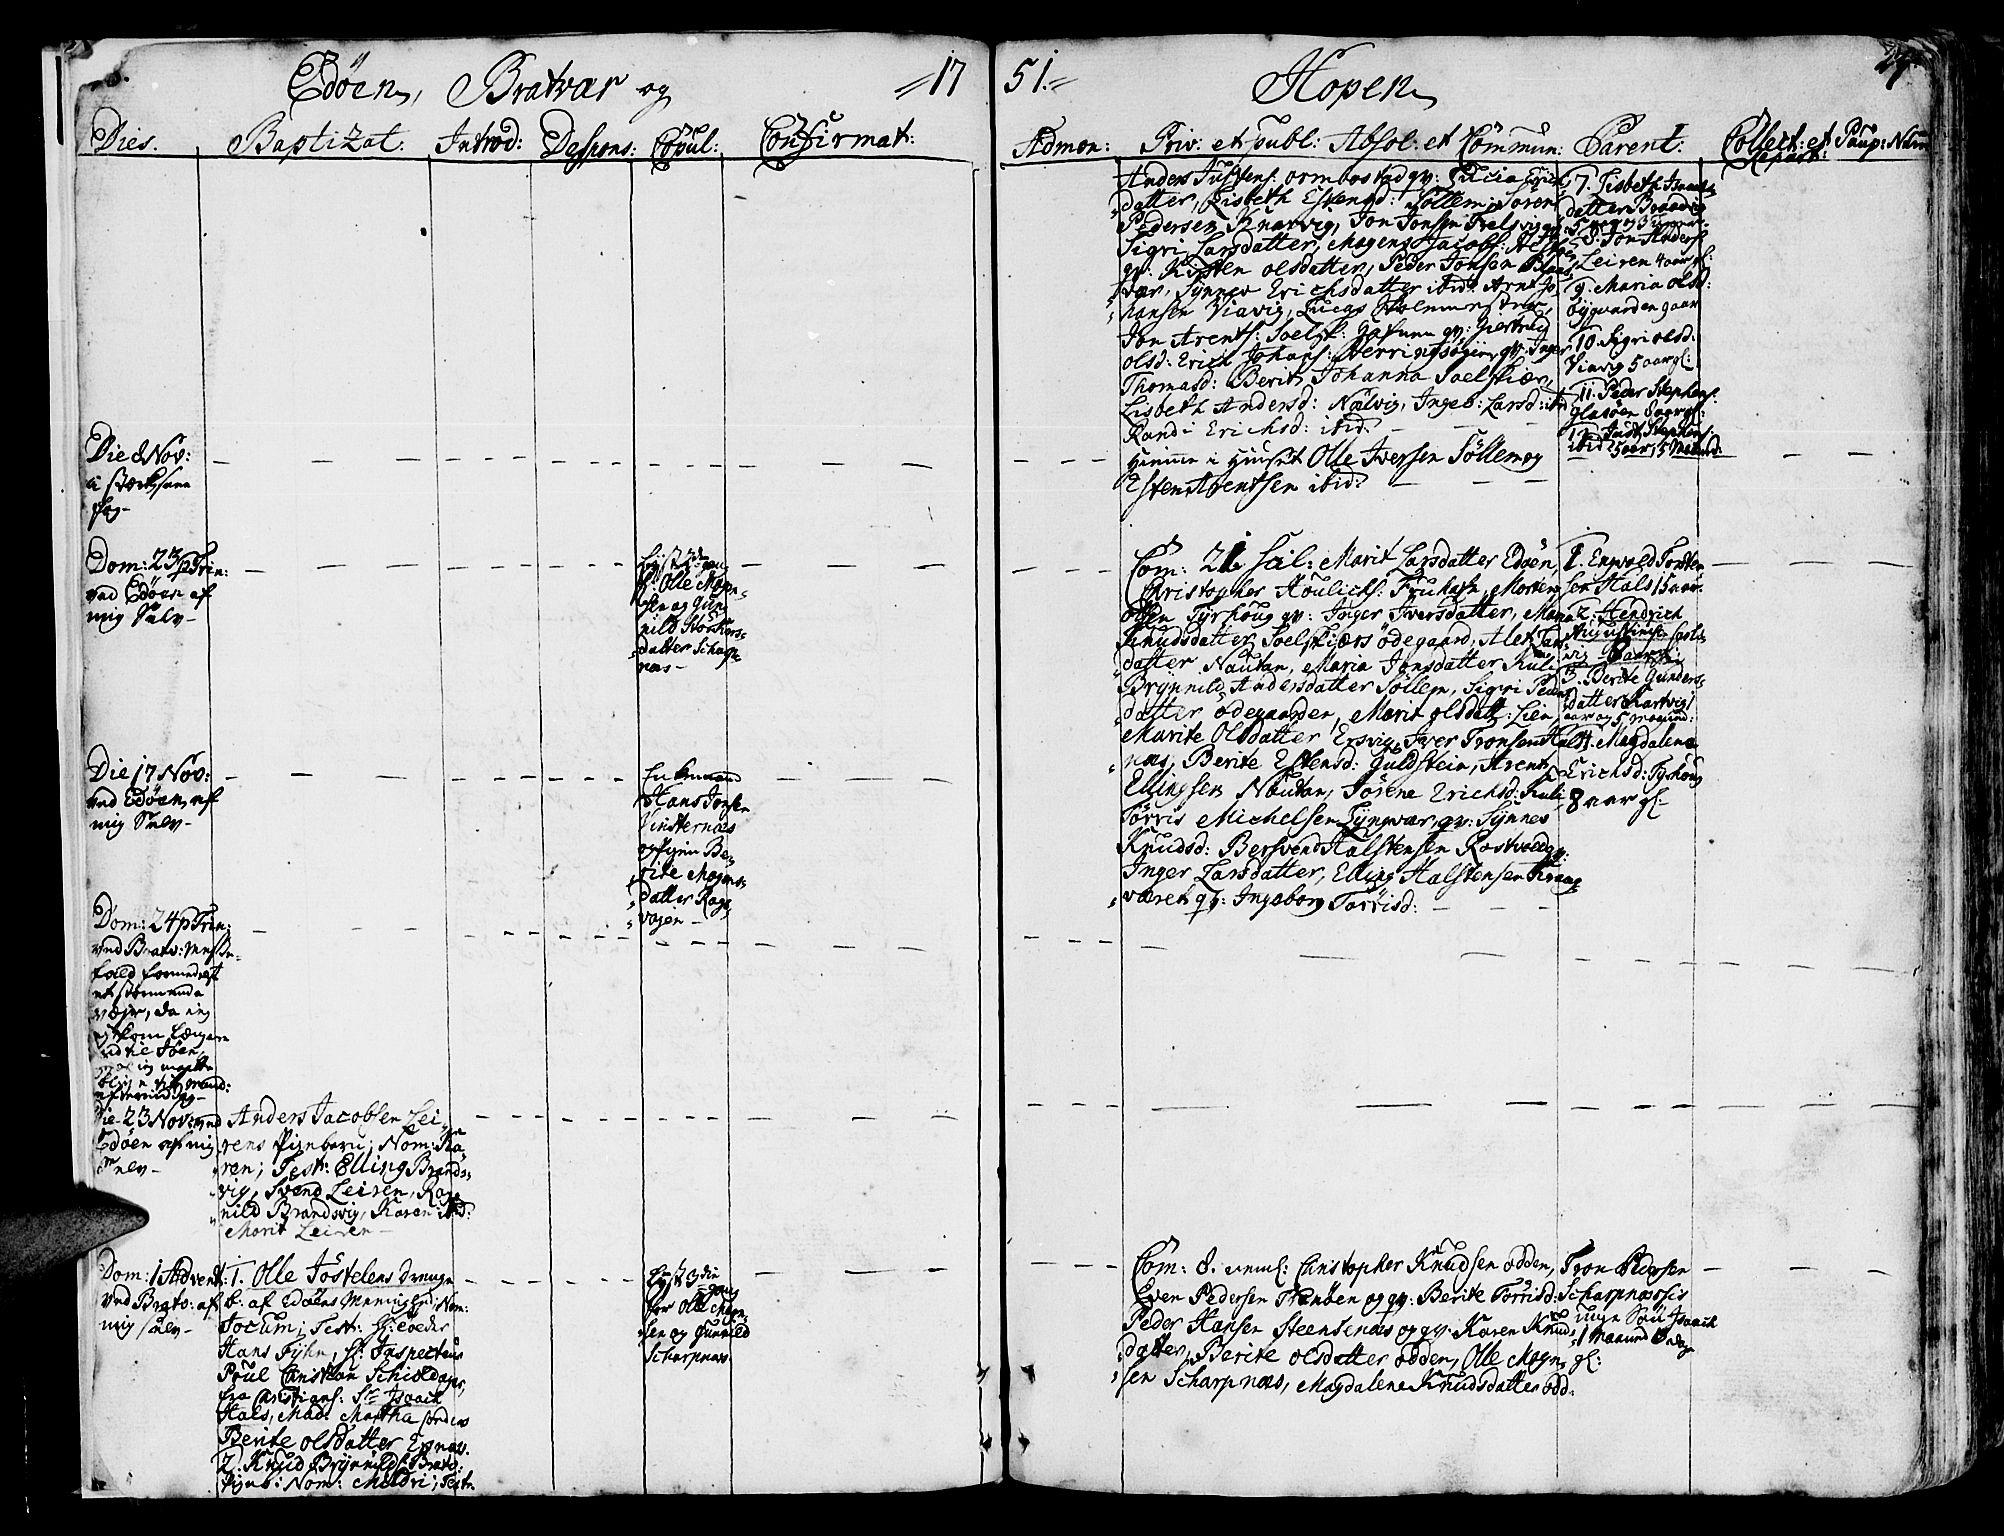 SAT, Ministerialprotokoller, klokkerbøker og fødselsregistre - Møre og Romsdal, 581/L0931: Ministerialbok nr. 581A01, 1751-1765, s. 28-29